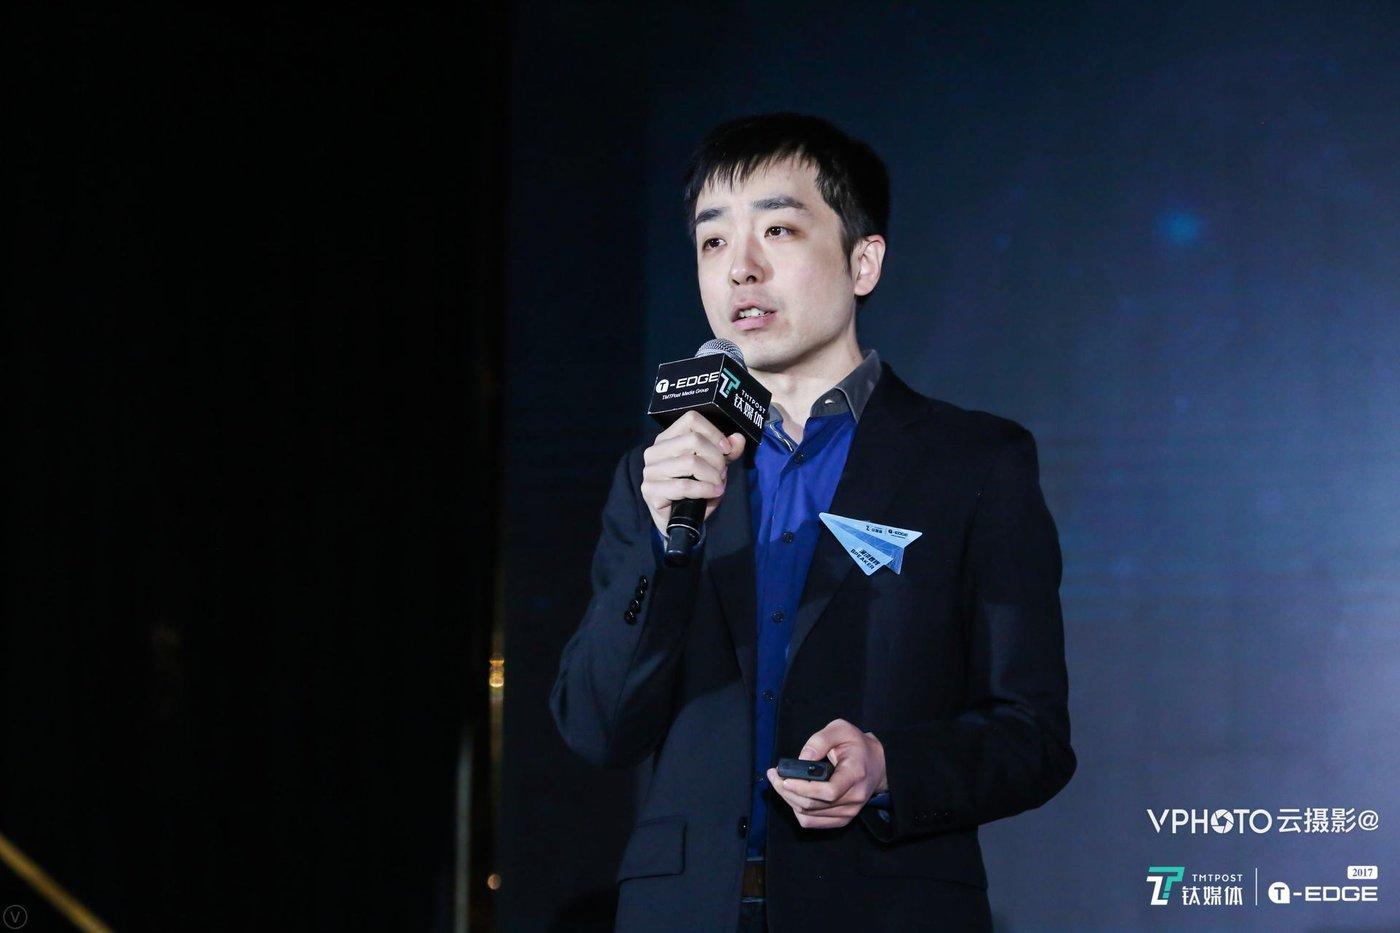 更美创始人及CEO刘迪在2017钛媒体T-EDGE年度国际盛典